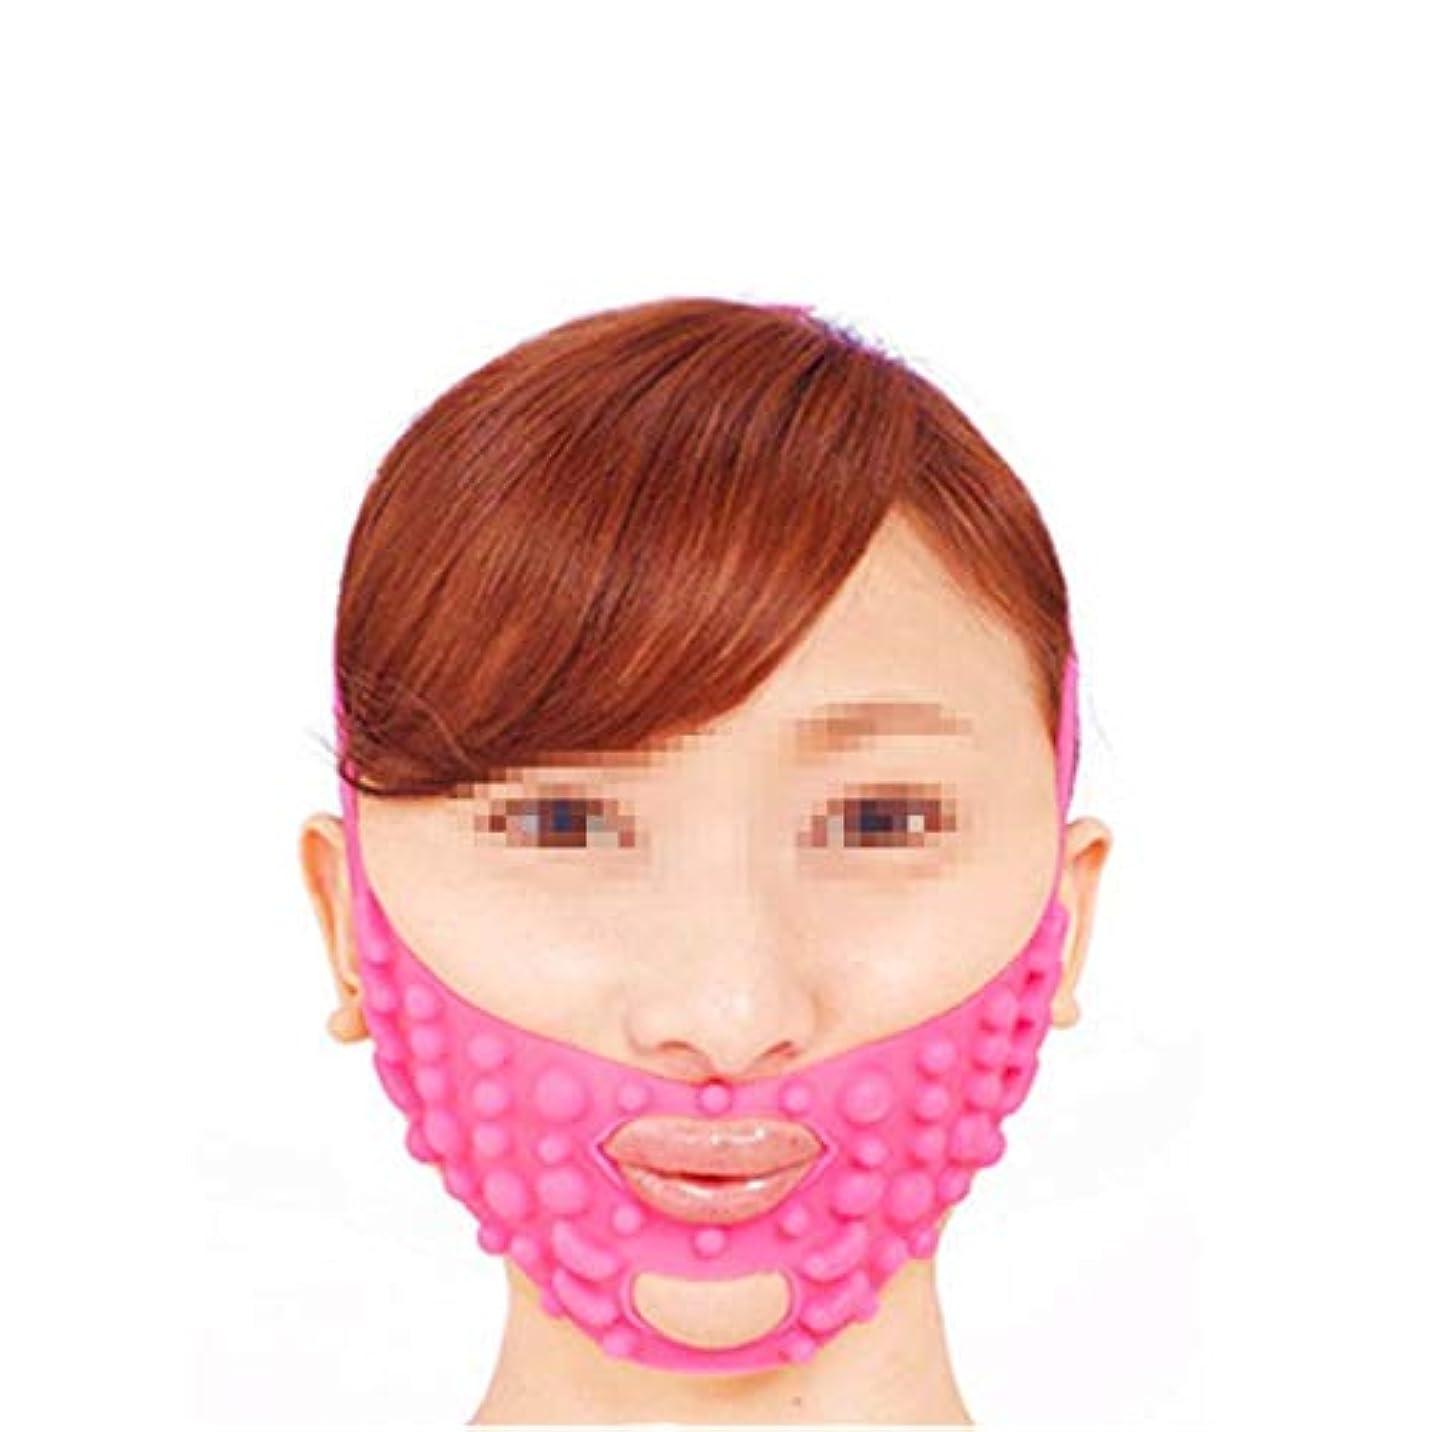 枯渇非公式性交シリコンマッサージフェイスマスク、きちんと形をした小さいVフェイスリフトをデコードパターンフェイスリフトバンデージピンク